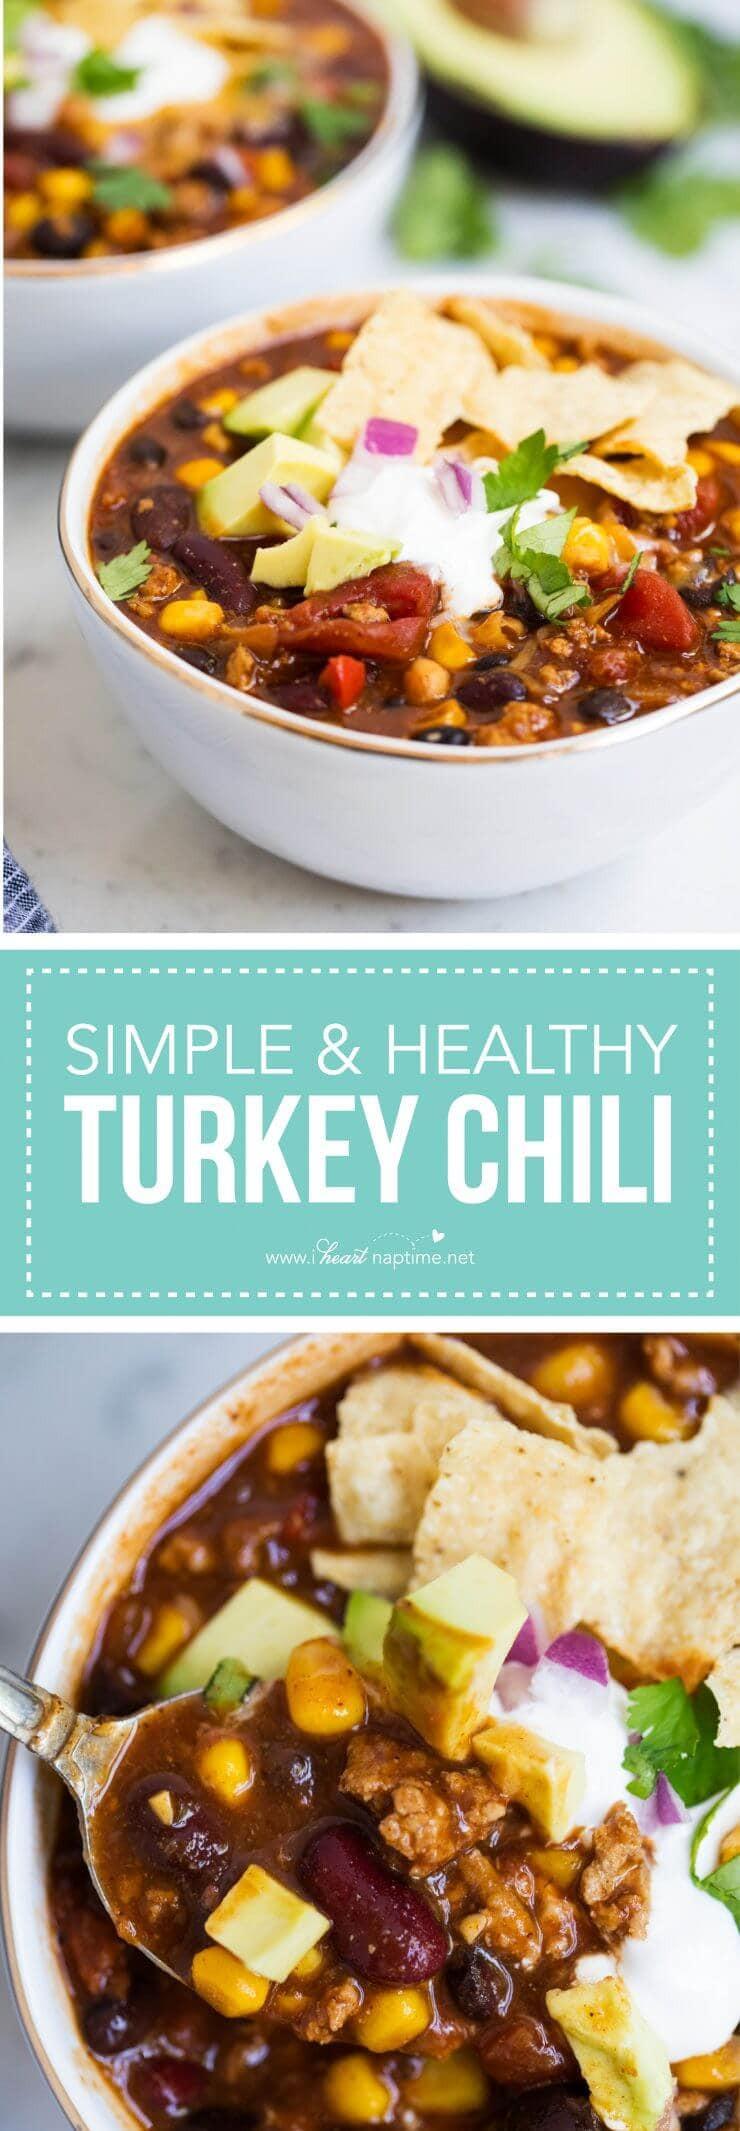 Heart Healthy Turkey Chili  EASY and Healthy Turkey Chili Recipe I Heart Naptime